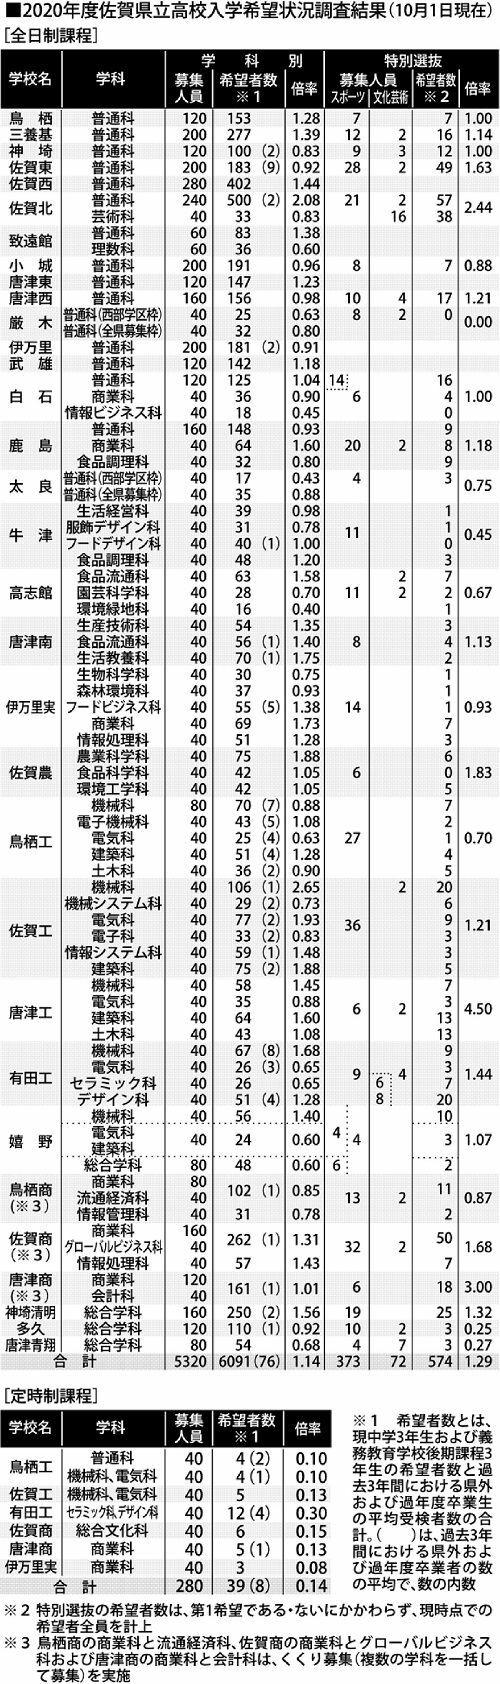 福島 県 高校 倍率 2020